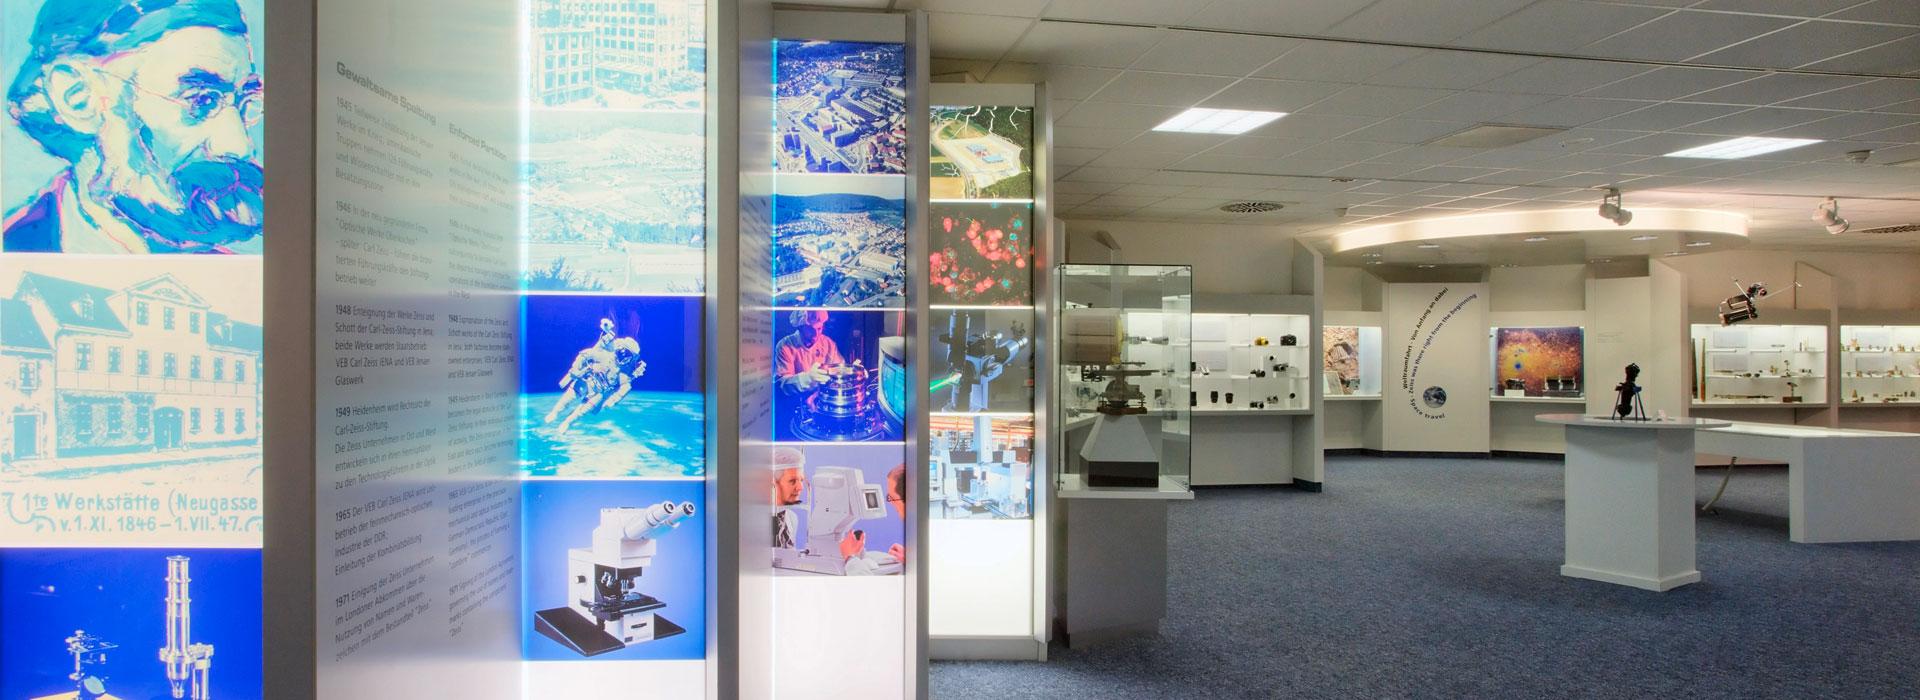 Zeiss-Museum